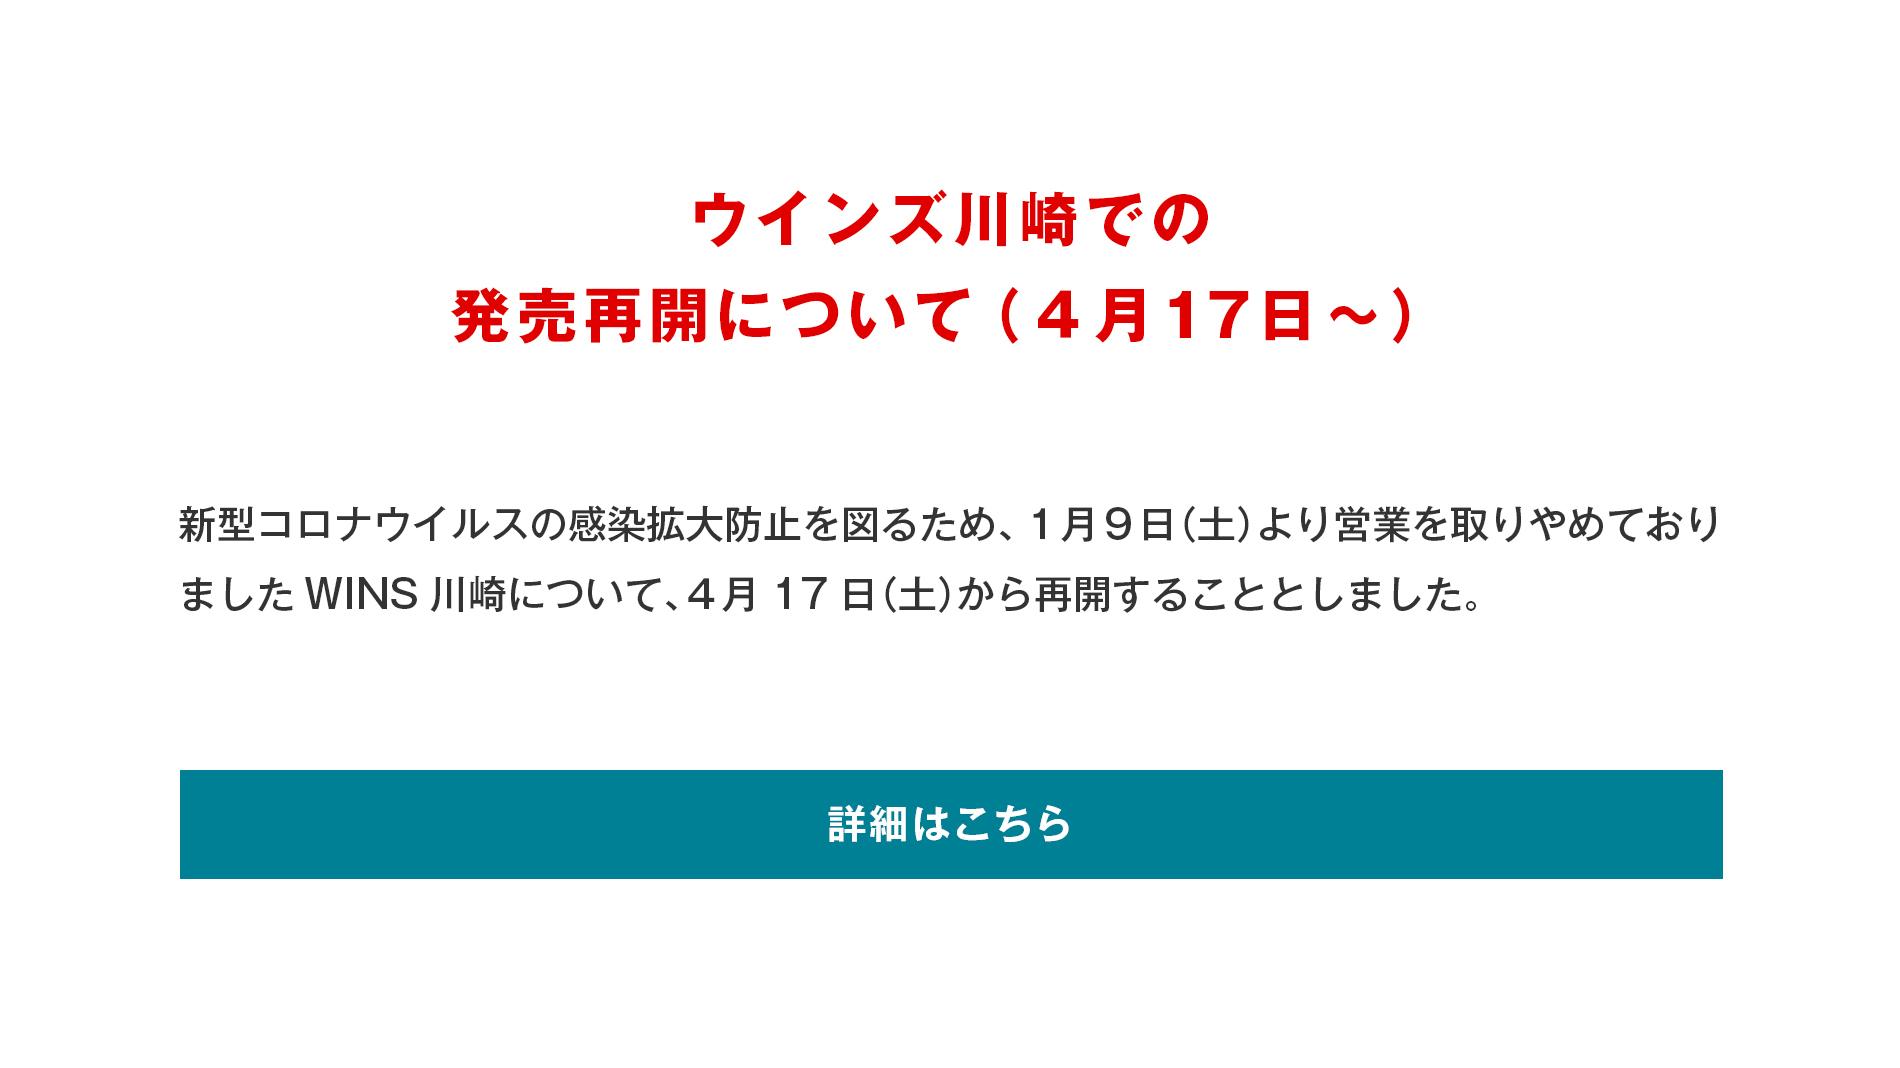 ウインズ川崎での発売再開について